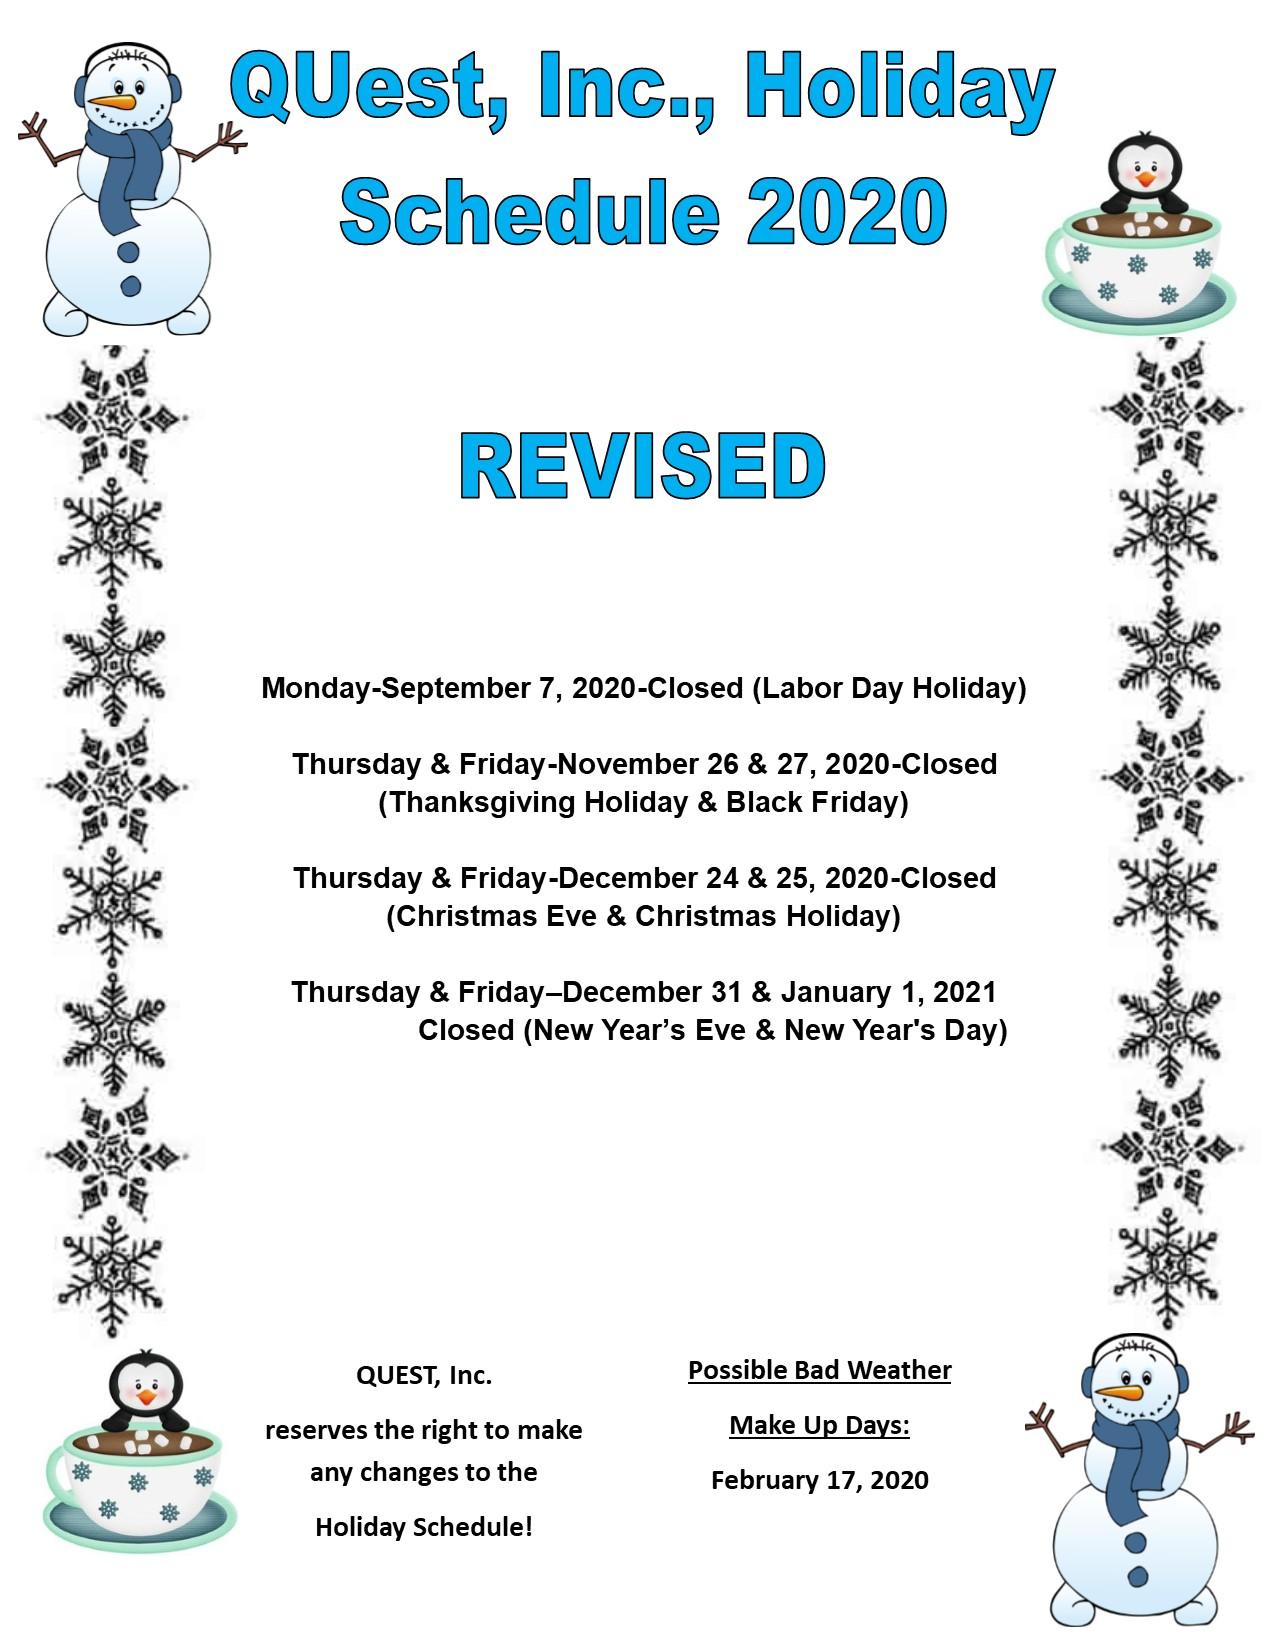 Holiday Schedule 2020 UPDATES